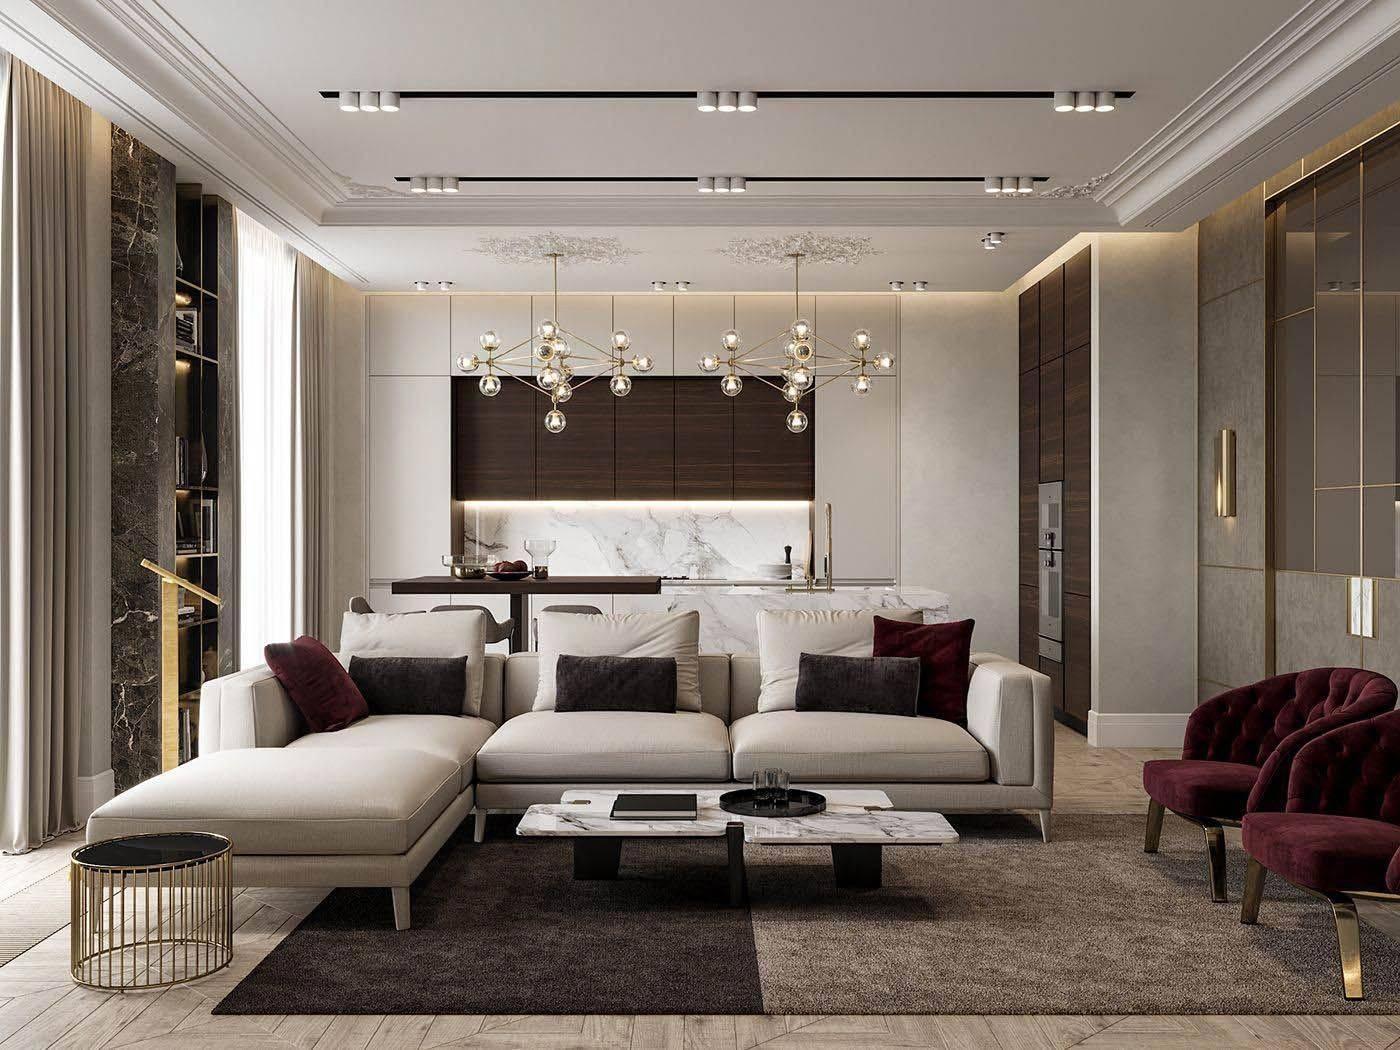 Интерьер зала в стиле барокко: фото и 5 условий для его создания